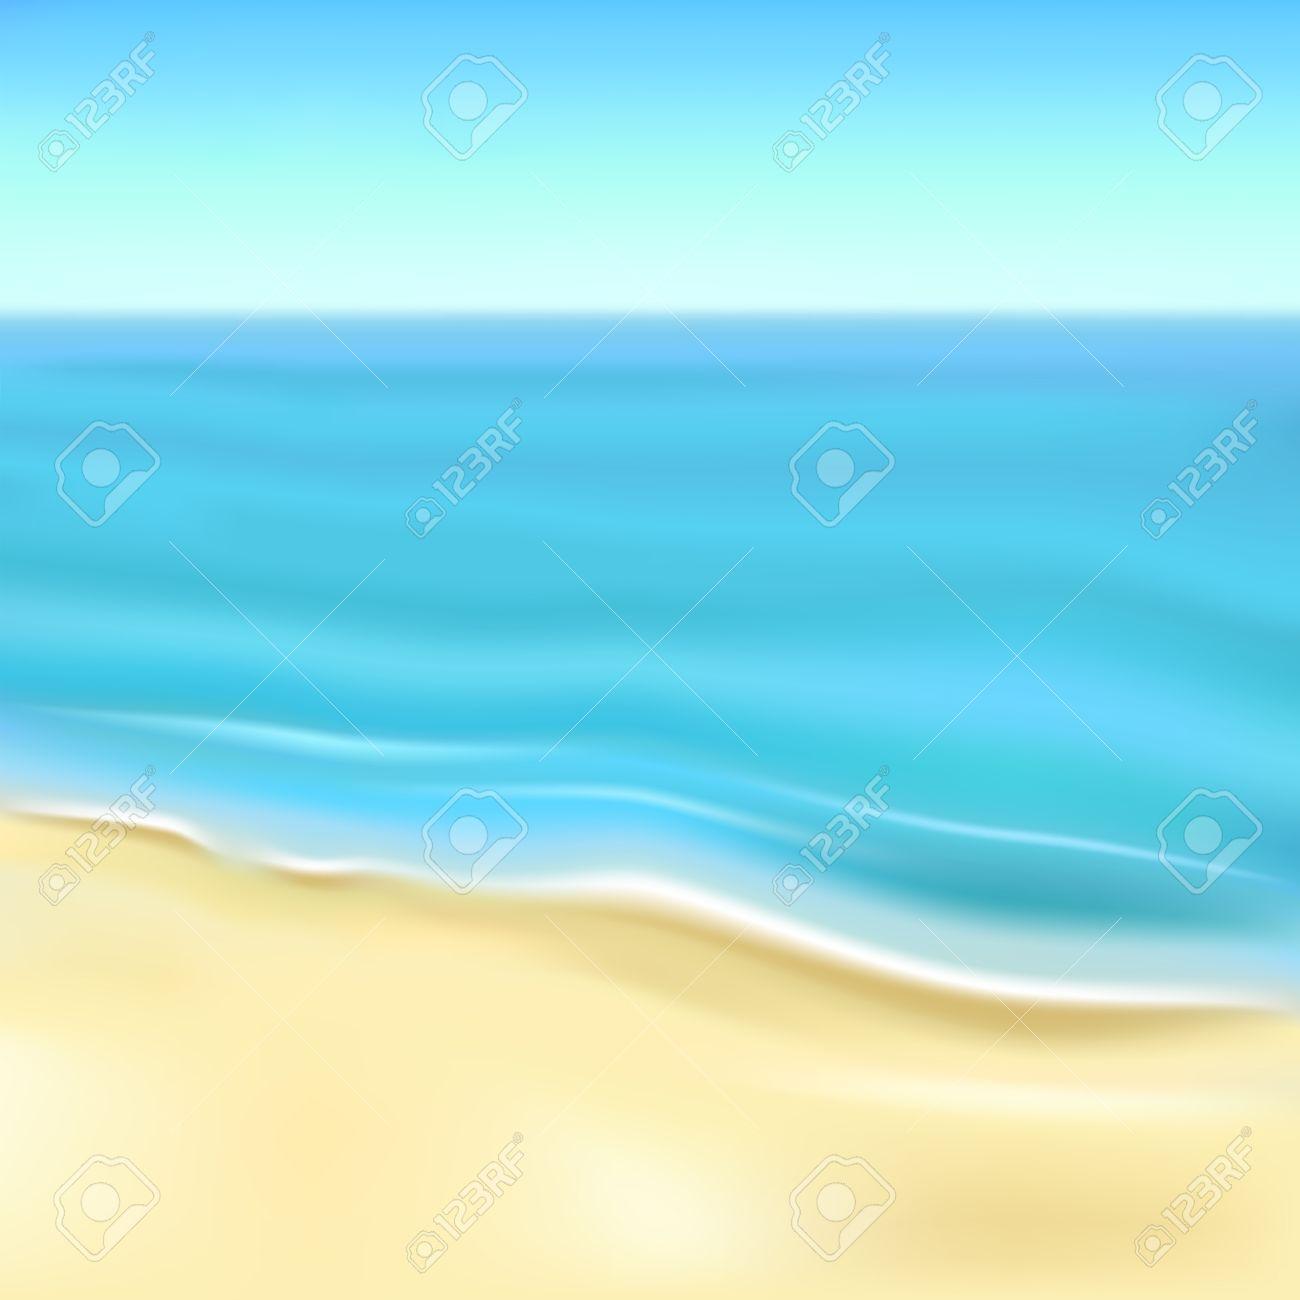 砂浜のビーチと海イラスト背景のイラスト素材ベクタ Image 27459829